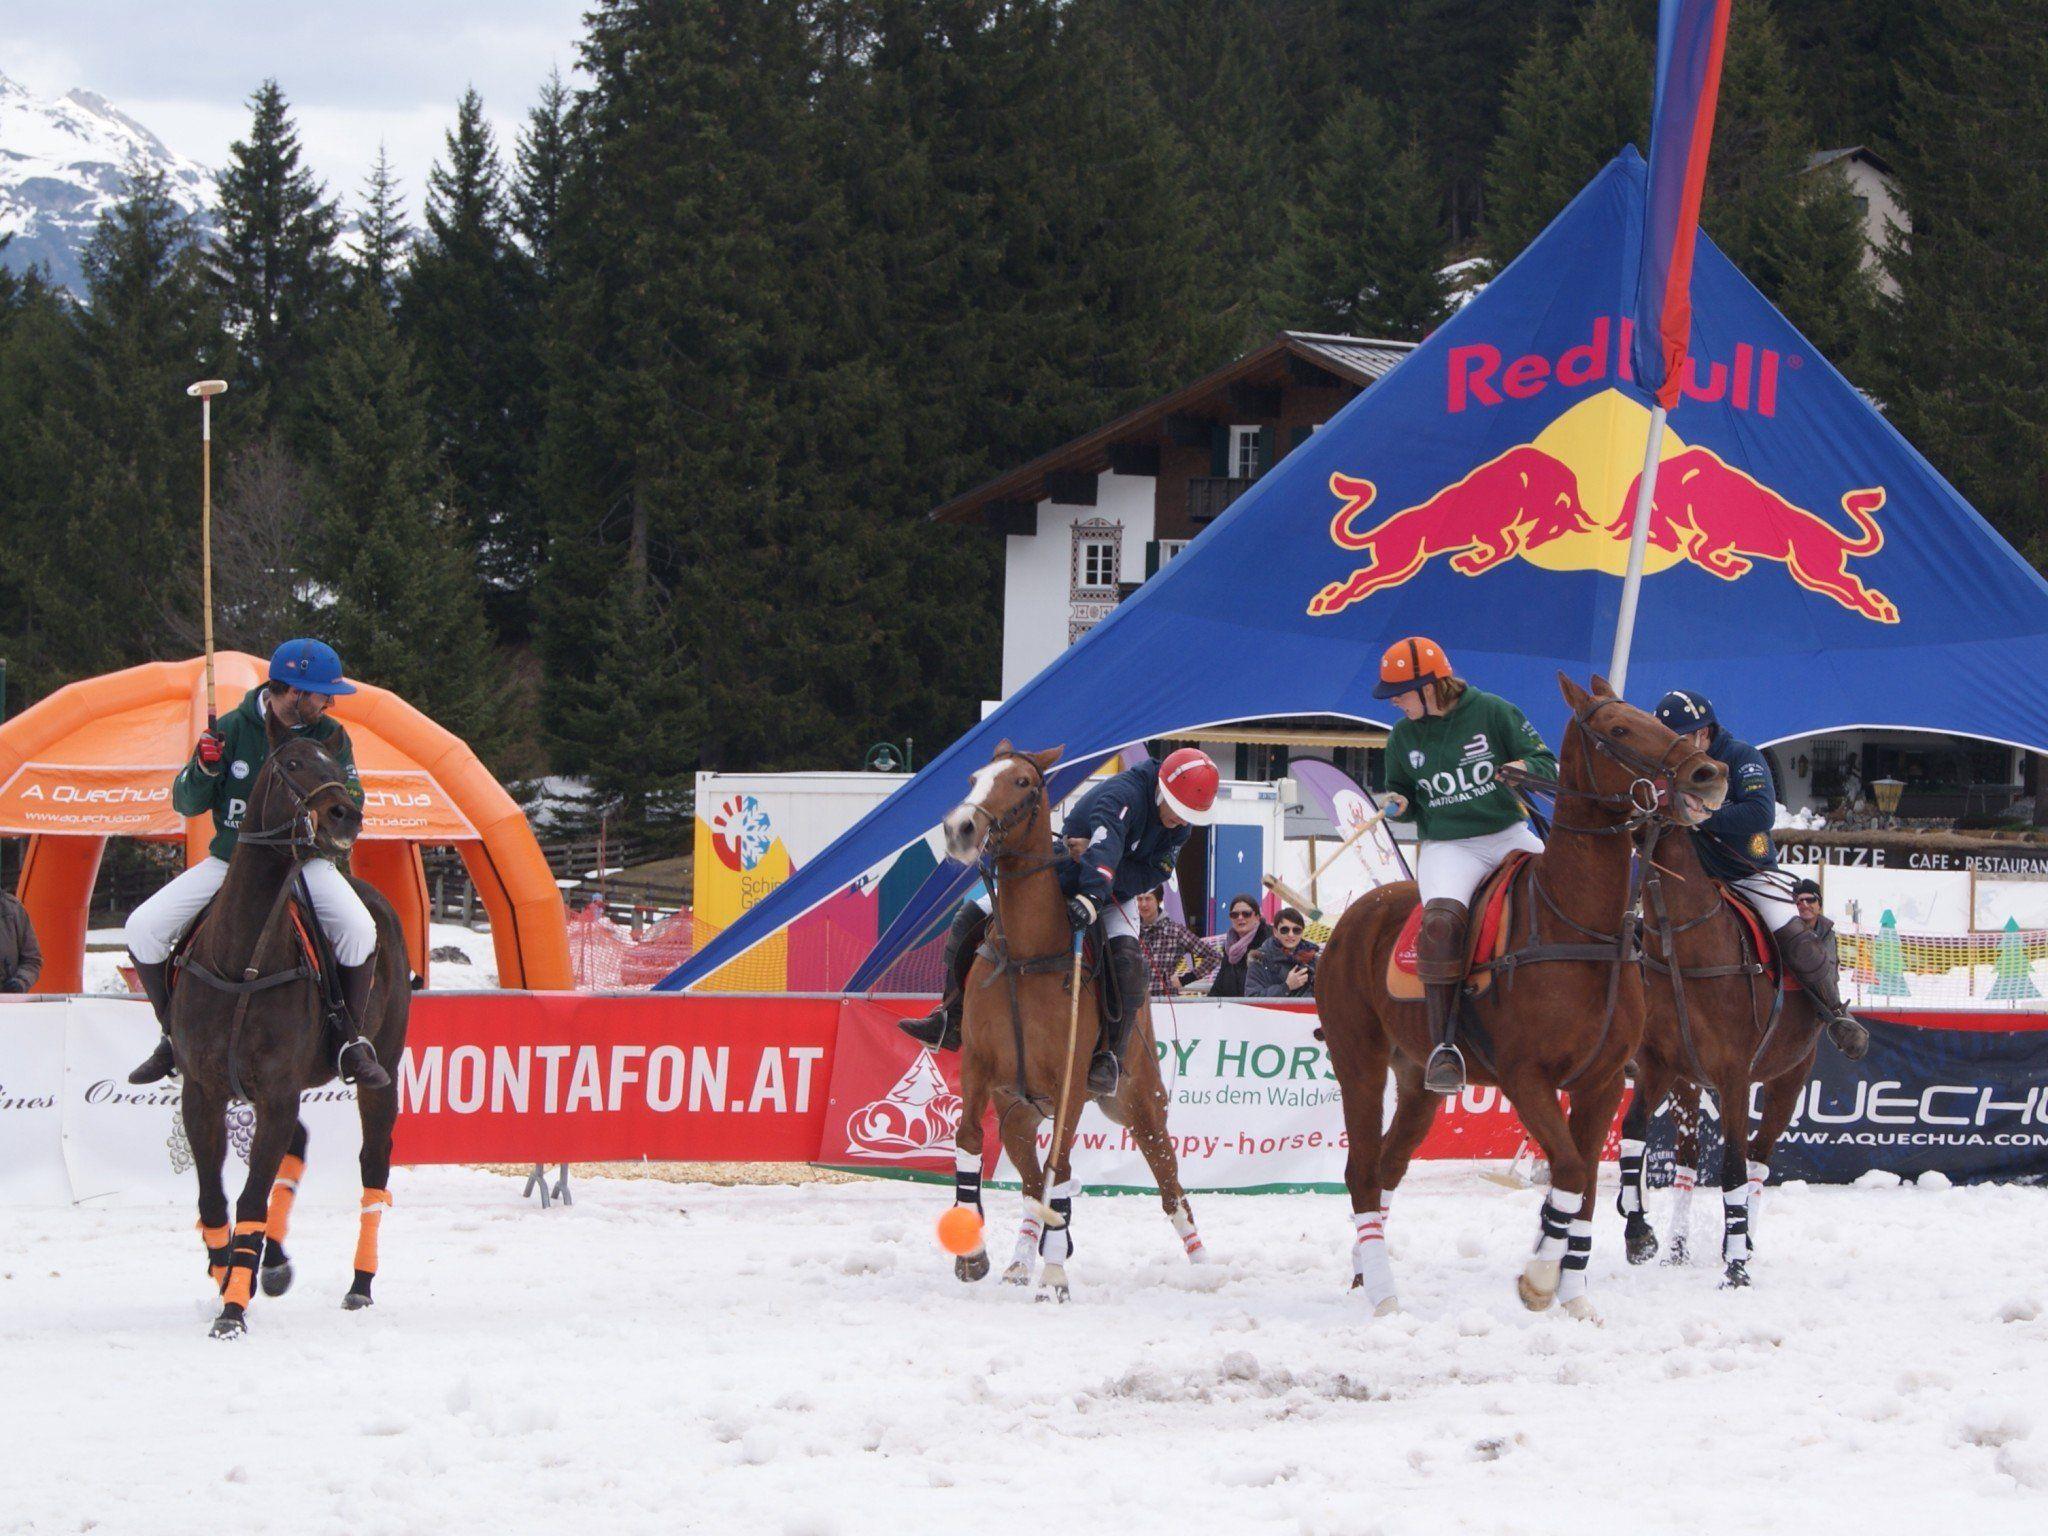 Ross und Reiter lieferten sich heiße Duelle im Schnee von Gargellen.